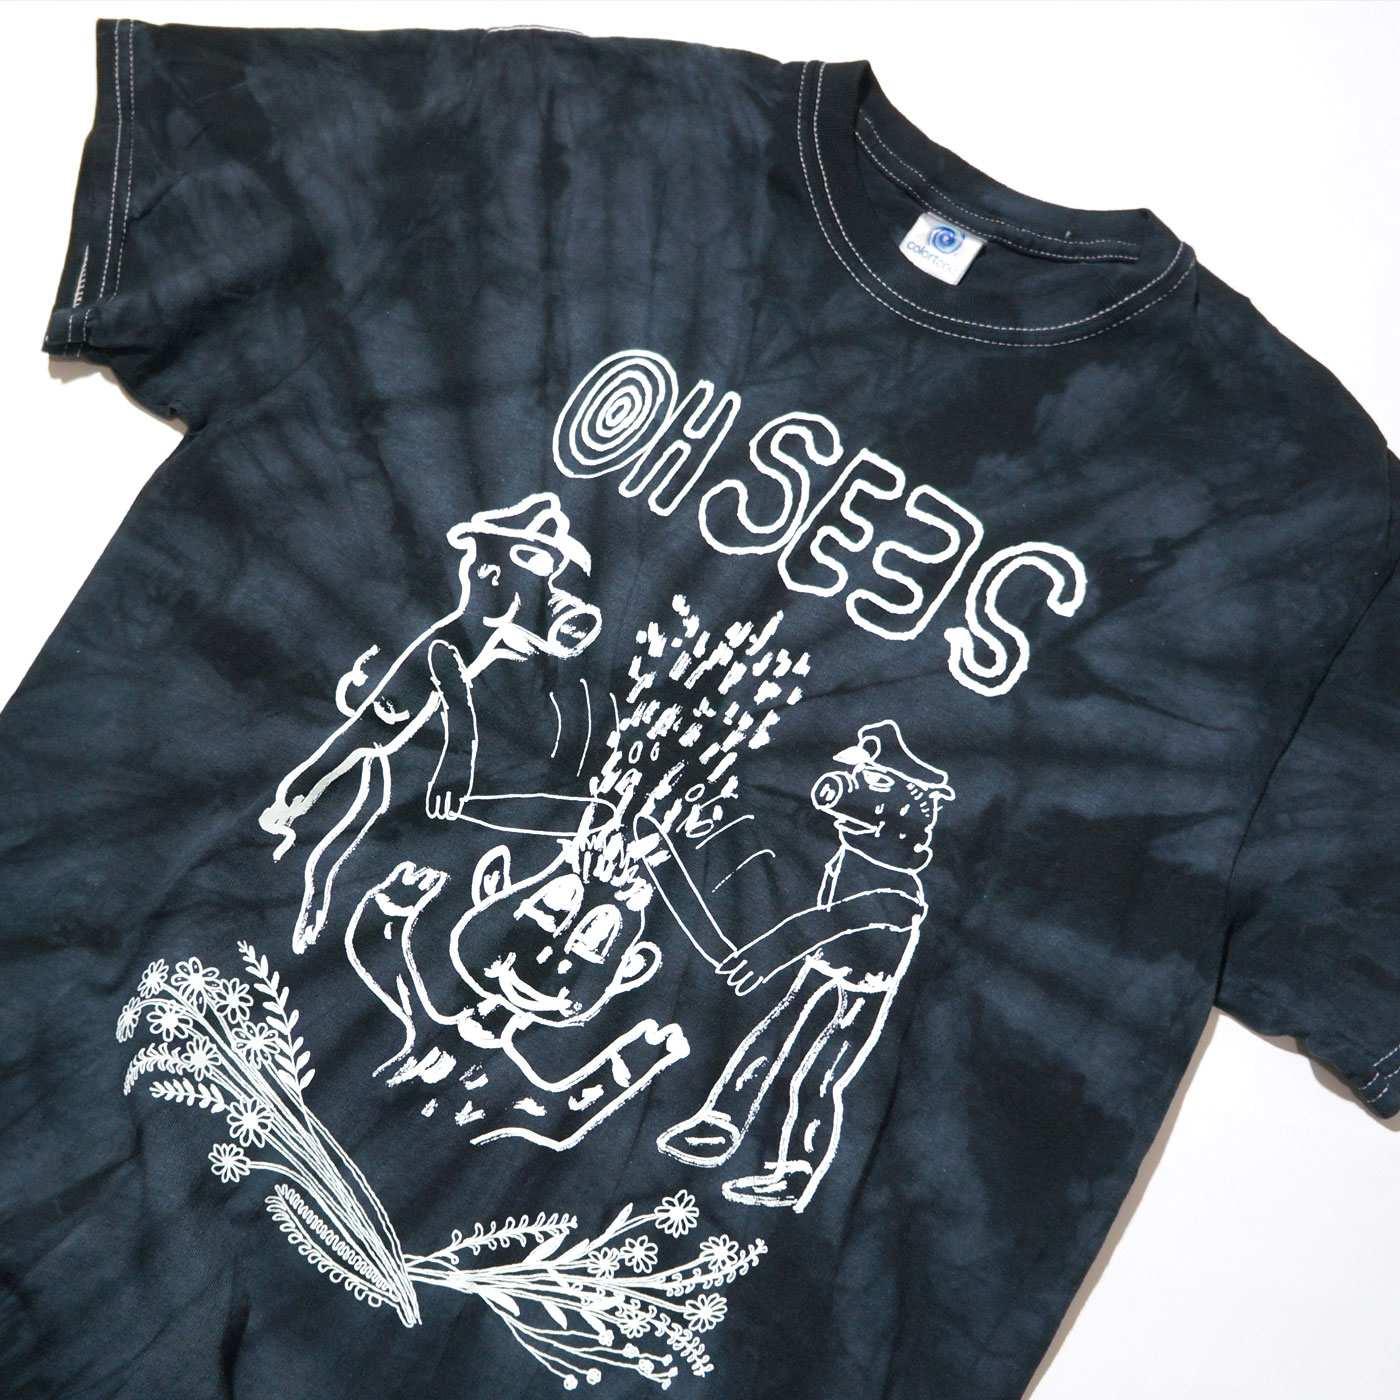 Oh Sees Tシャツ Joe Roberts/Pigs Tee - Black Tie Dye